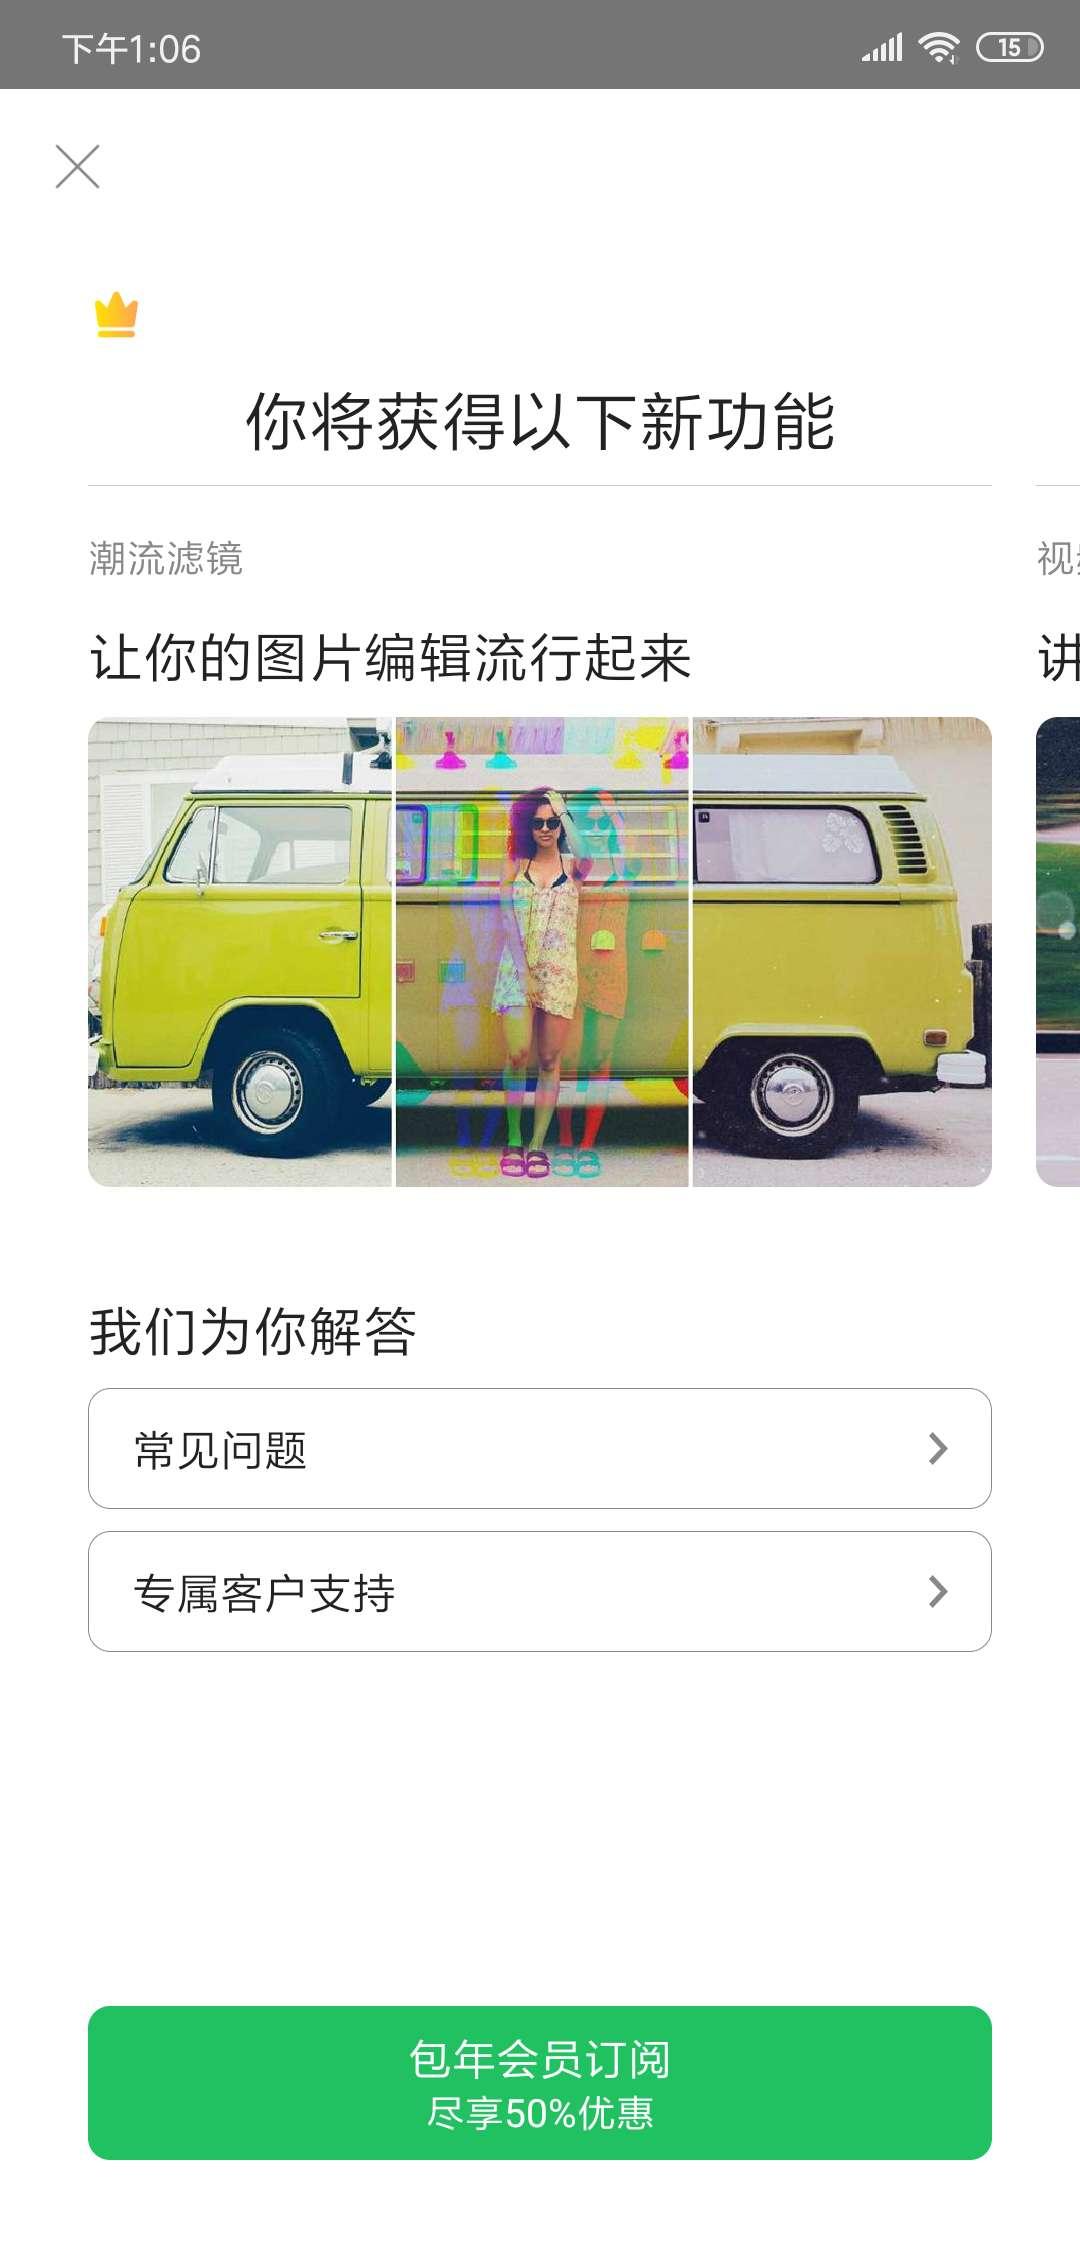 「分享」PicsArt美易v13.8.50修改版会员功能!